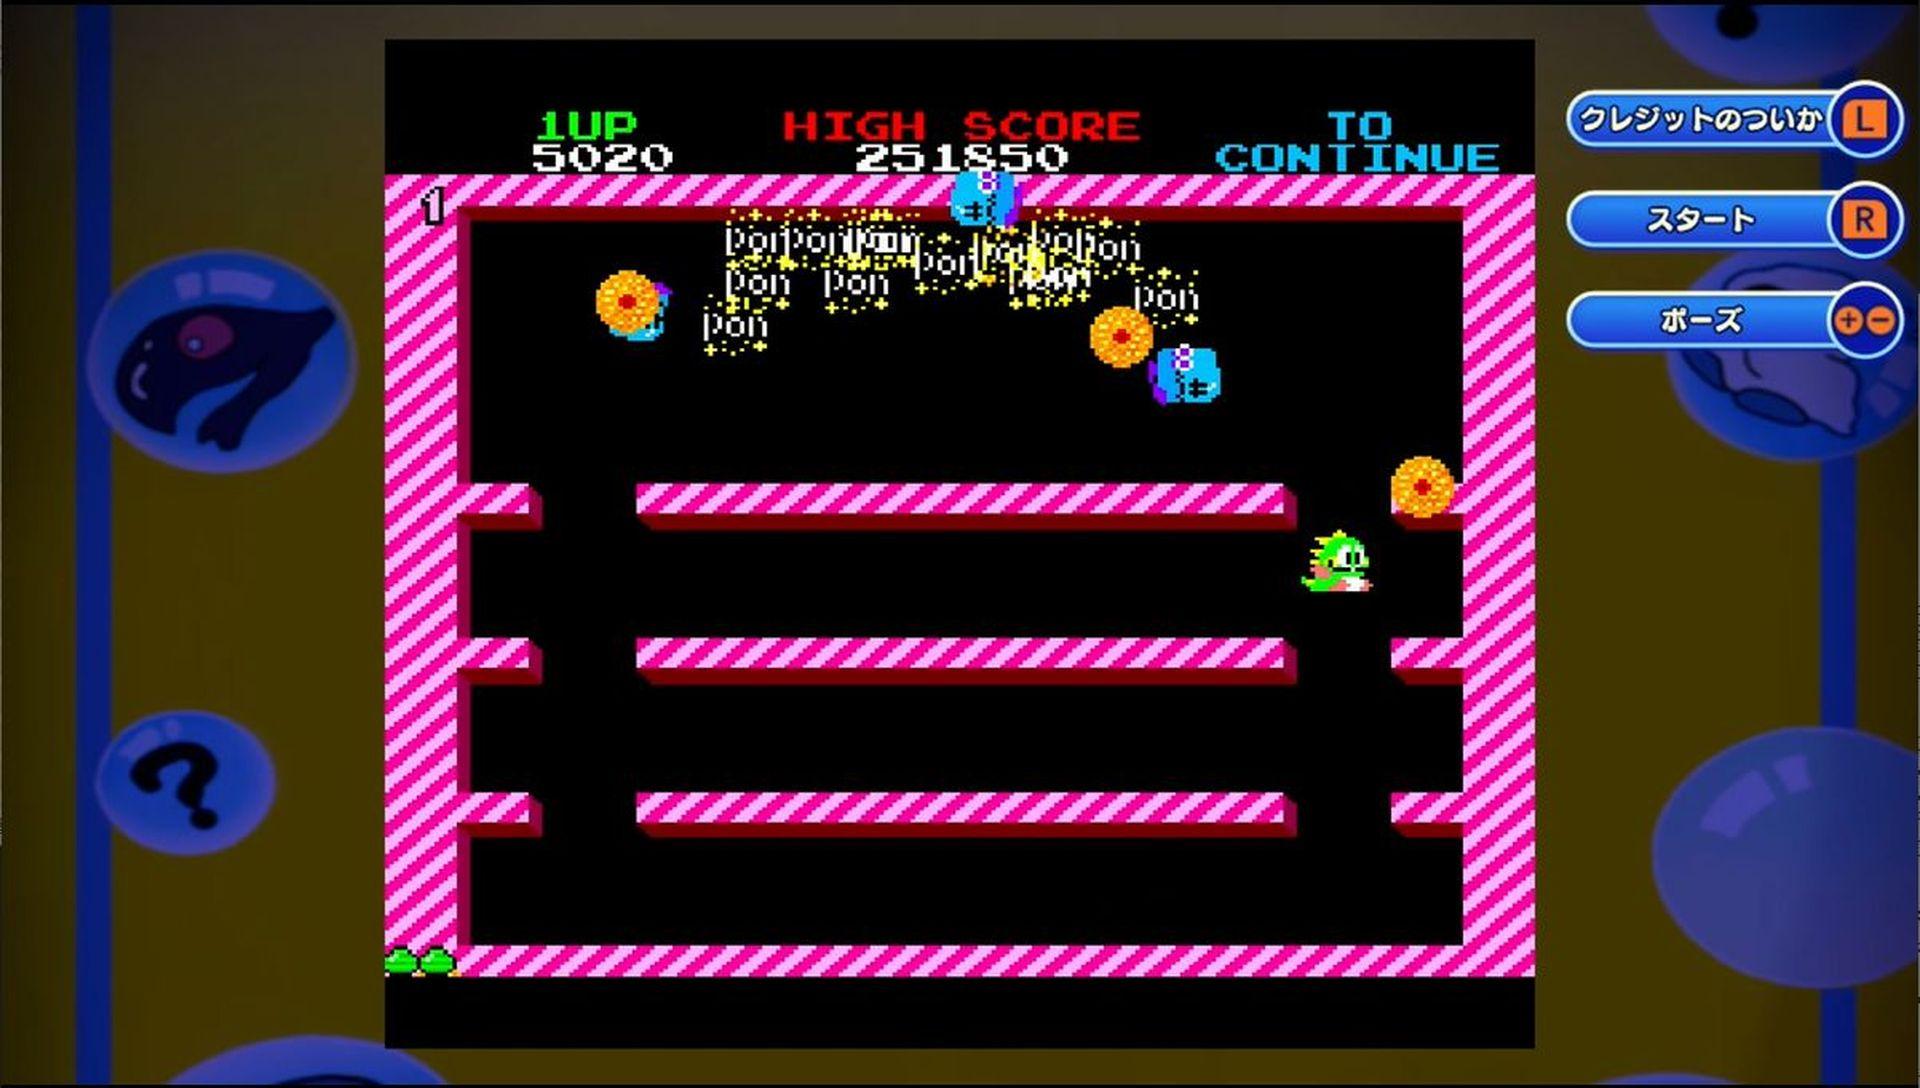 ネームレジスト画面で特定の文字列を有力するとジングルが鳴り、次回プレイ時の1面で特殊なアイテムが出現する(※写真は「MTJ」と入力し、コーラが出現した例)